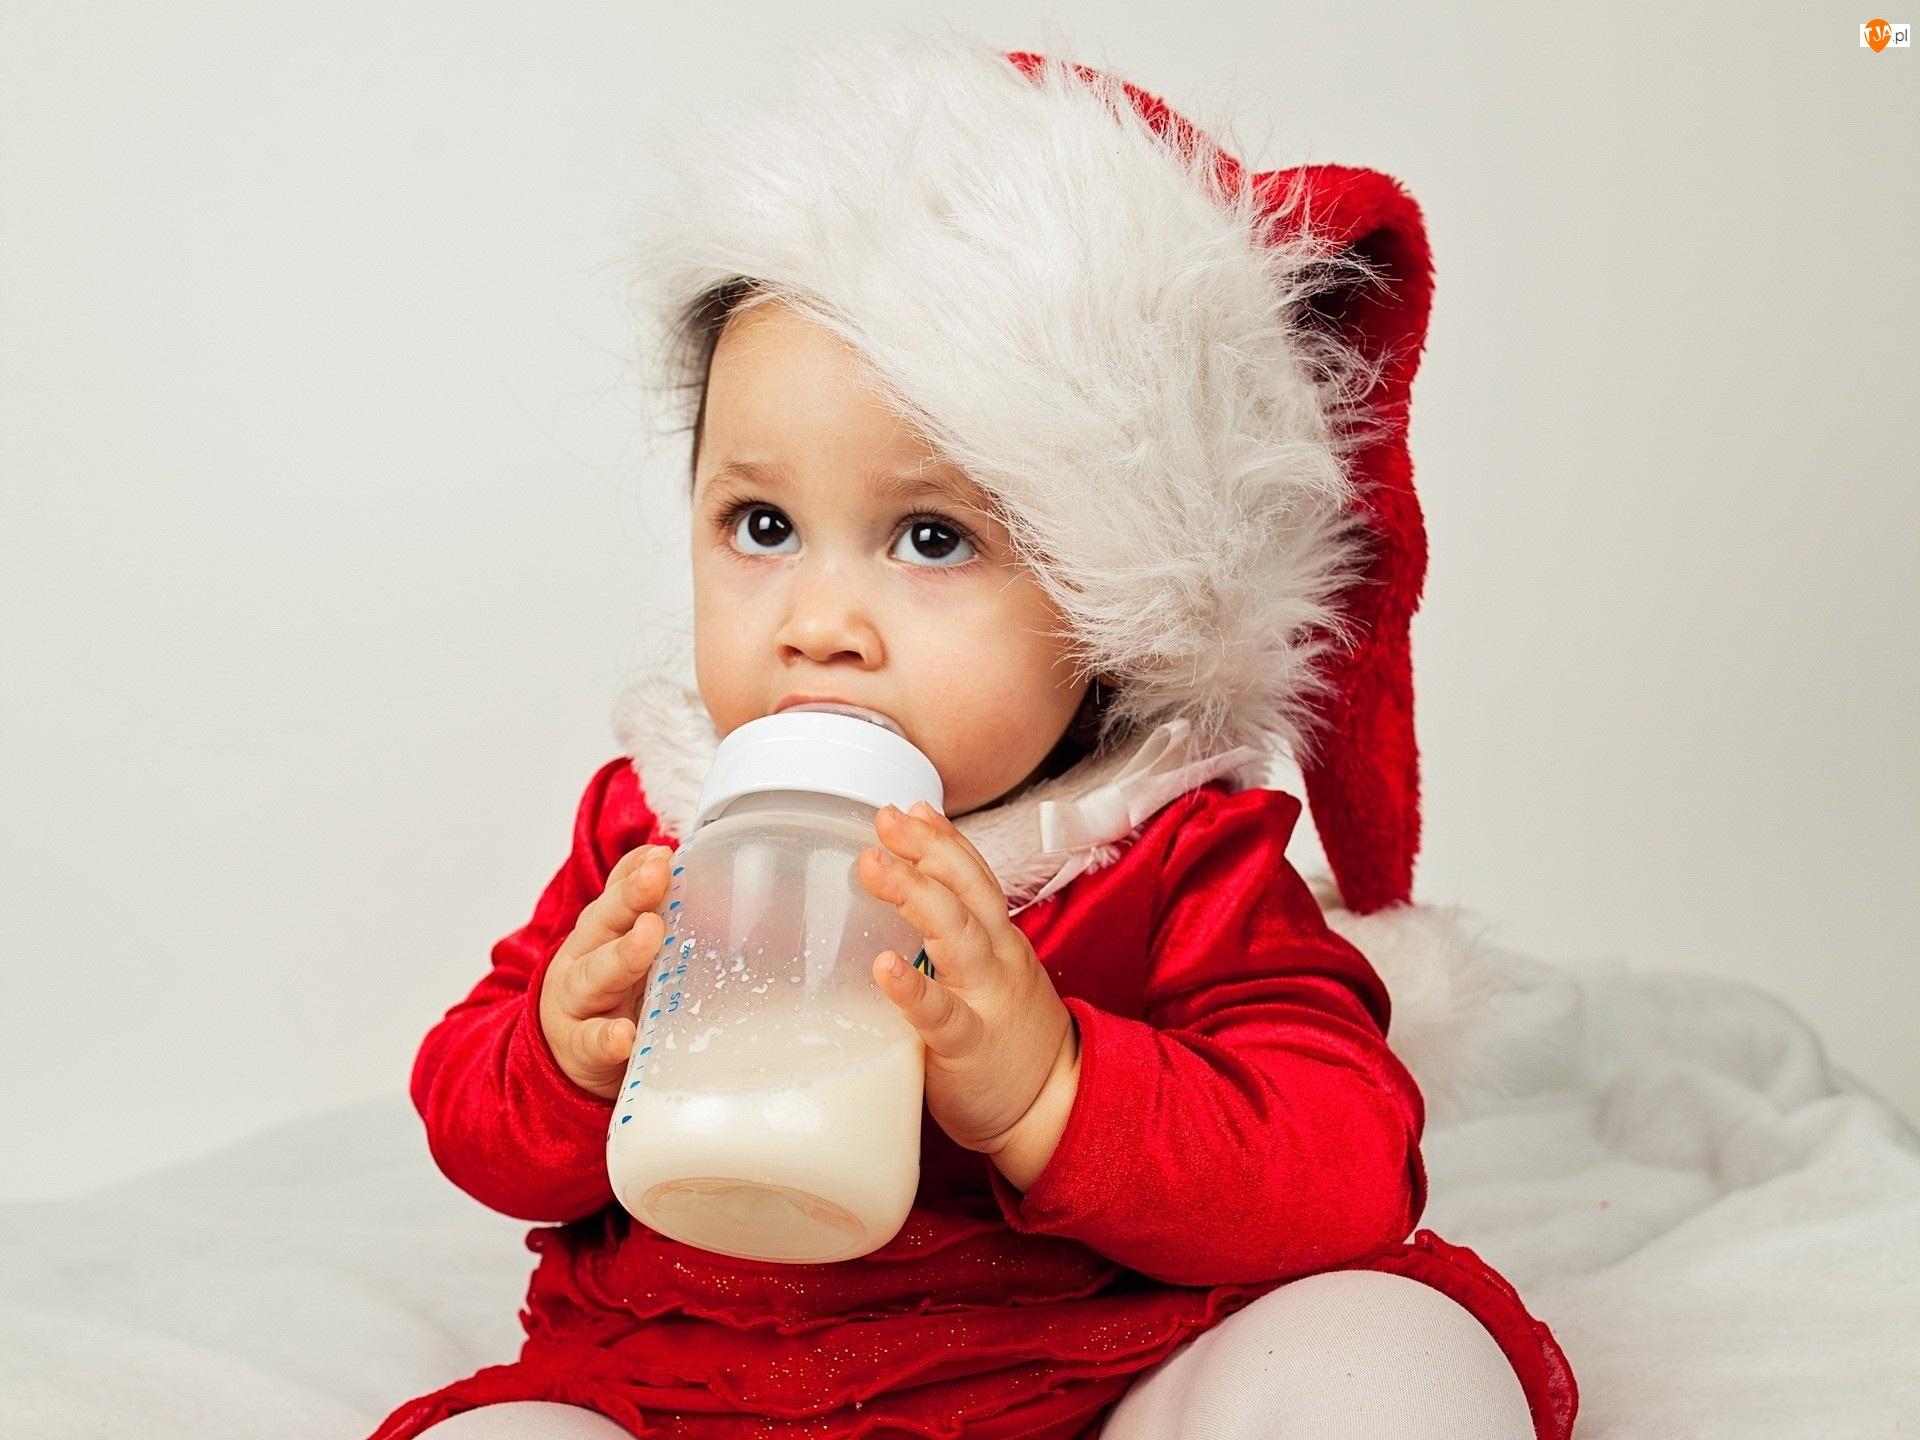 Małe, Boże Narodzenie, Dziecko, Butelka